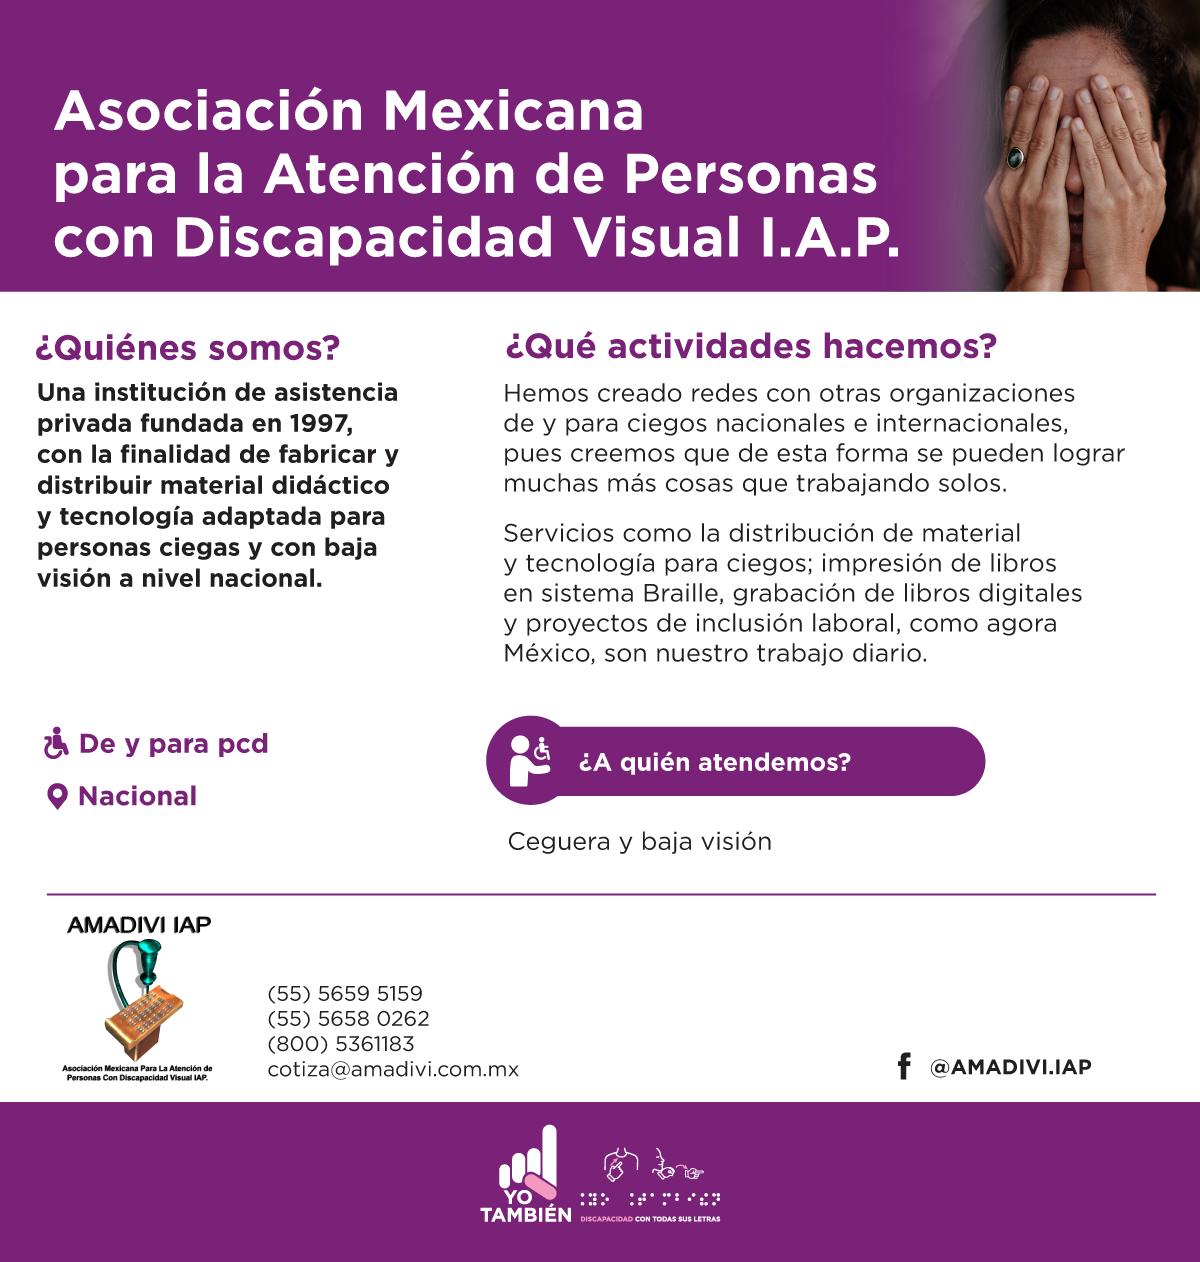 Asociación Mexicana para la Atención de Personas con Discapacidad Visual I.A.P. es Una institución de asistencia privada fundada en 1997, con la finalidad de fabricar y distribuir material didáctico y tecnología adaptada para personas ciegas y con baja visión a nivel nacional.